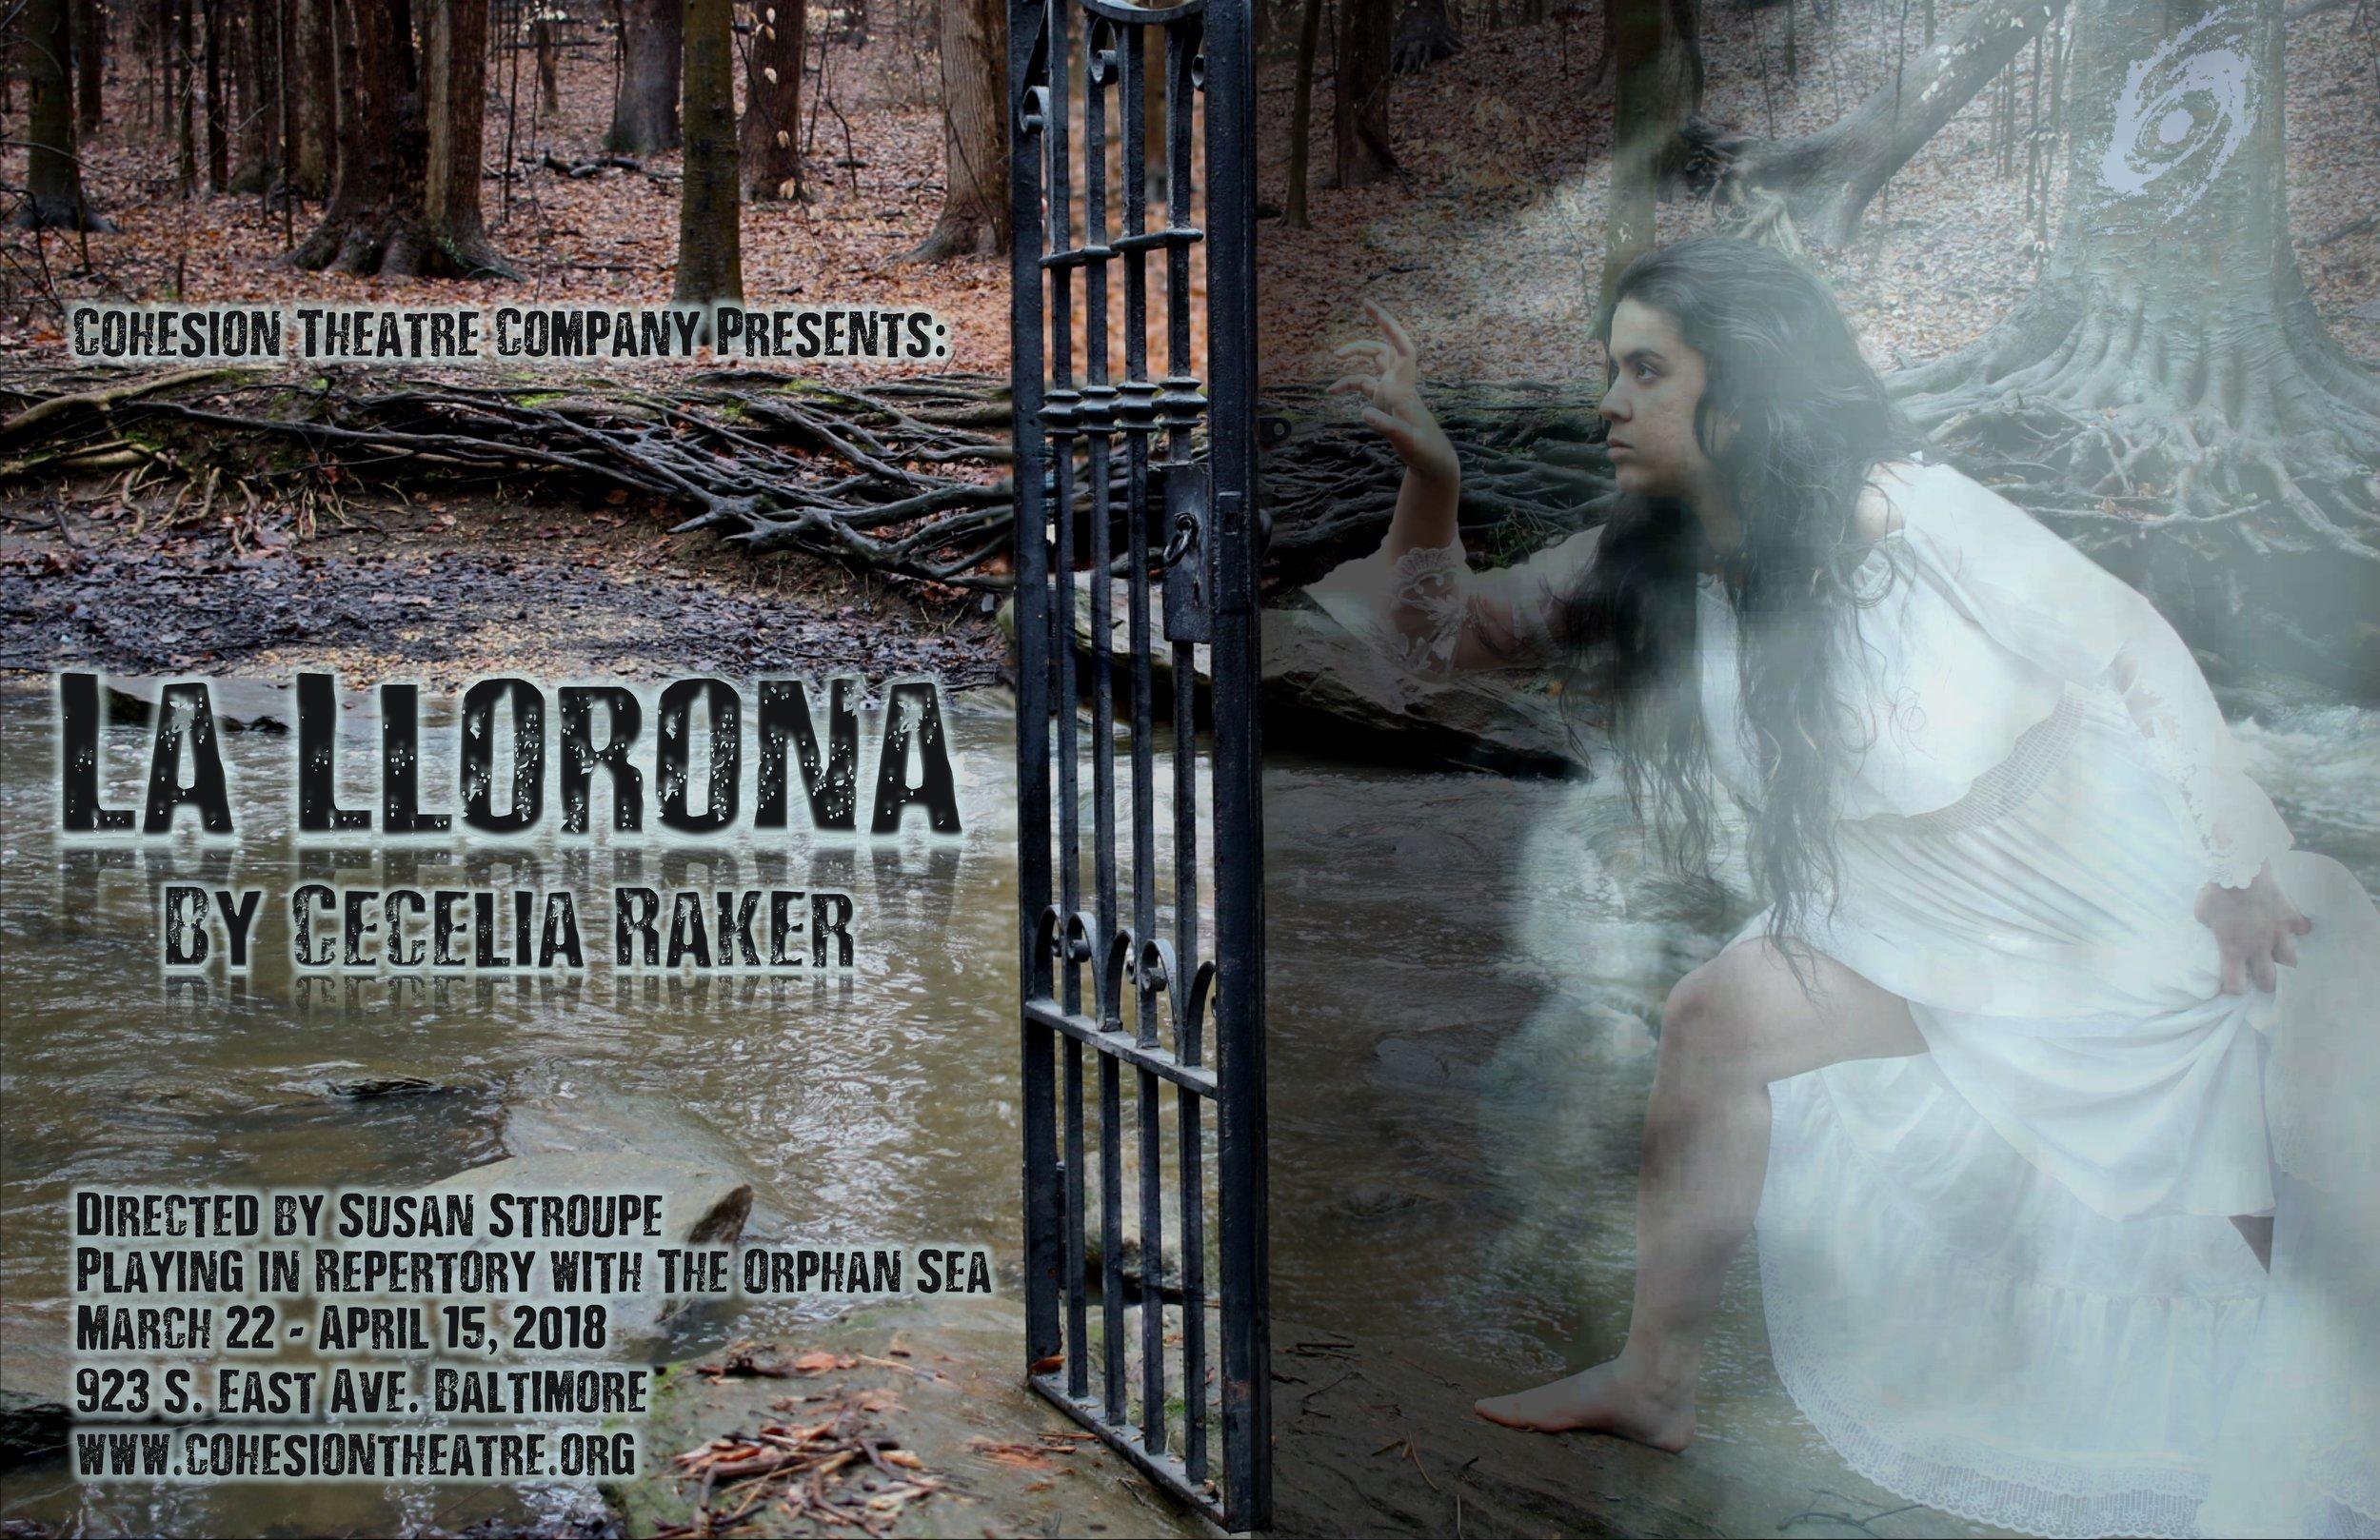 La Llorona Poster.jpg